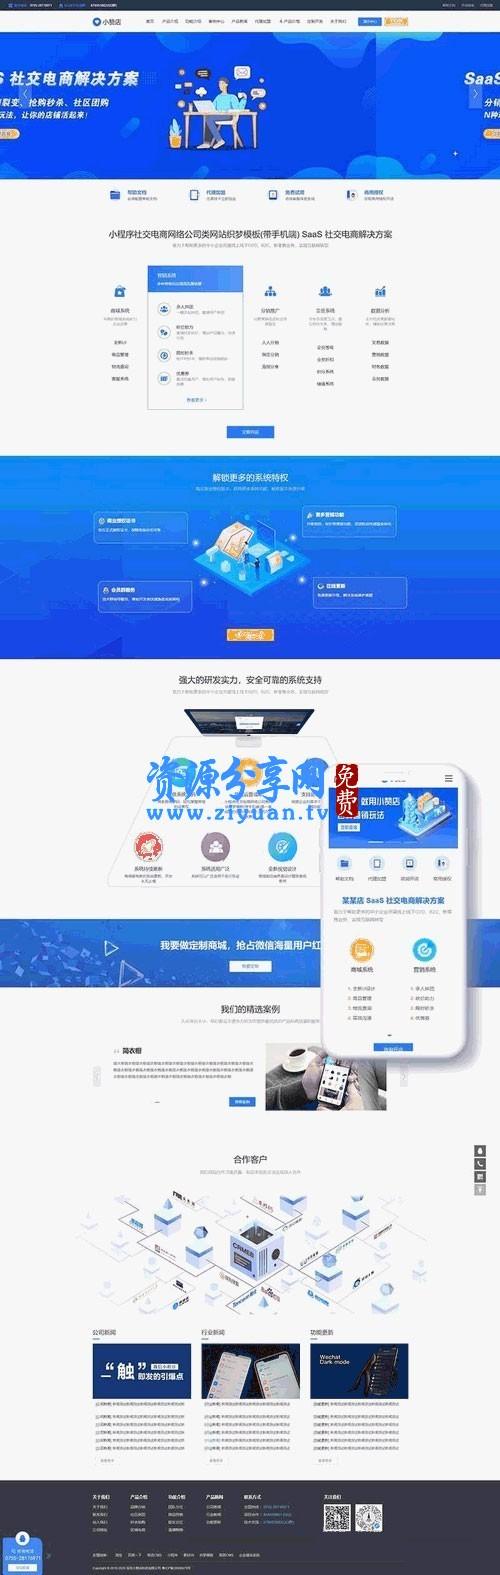 织梦模版 小程序社交电商系统开发网络公司网站模板